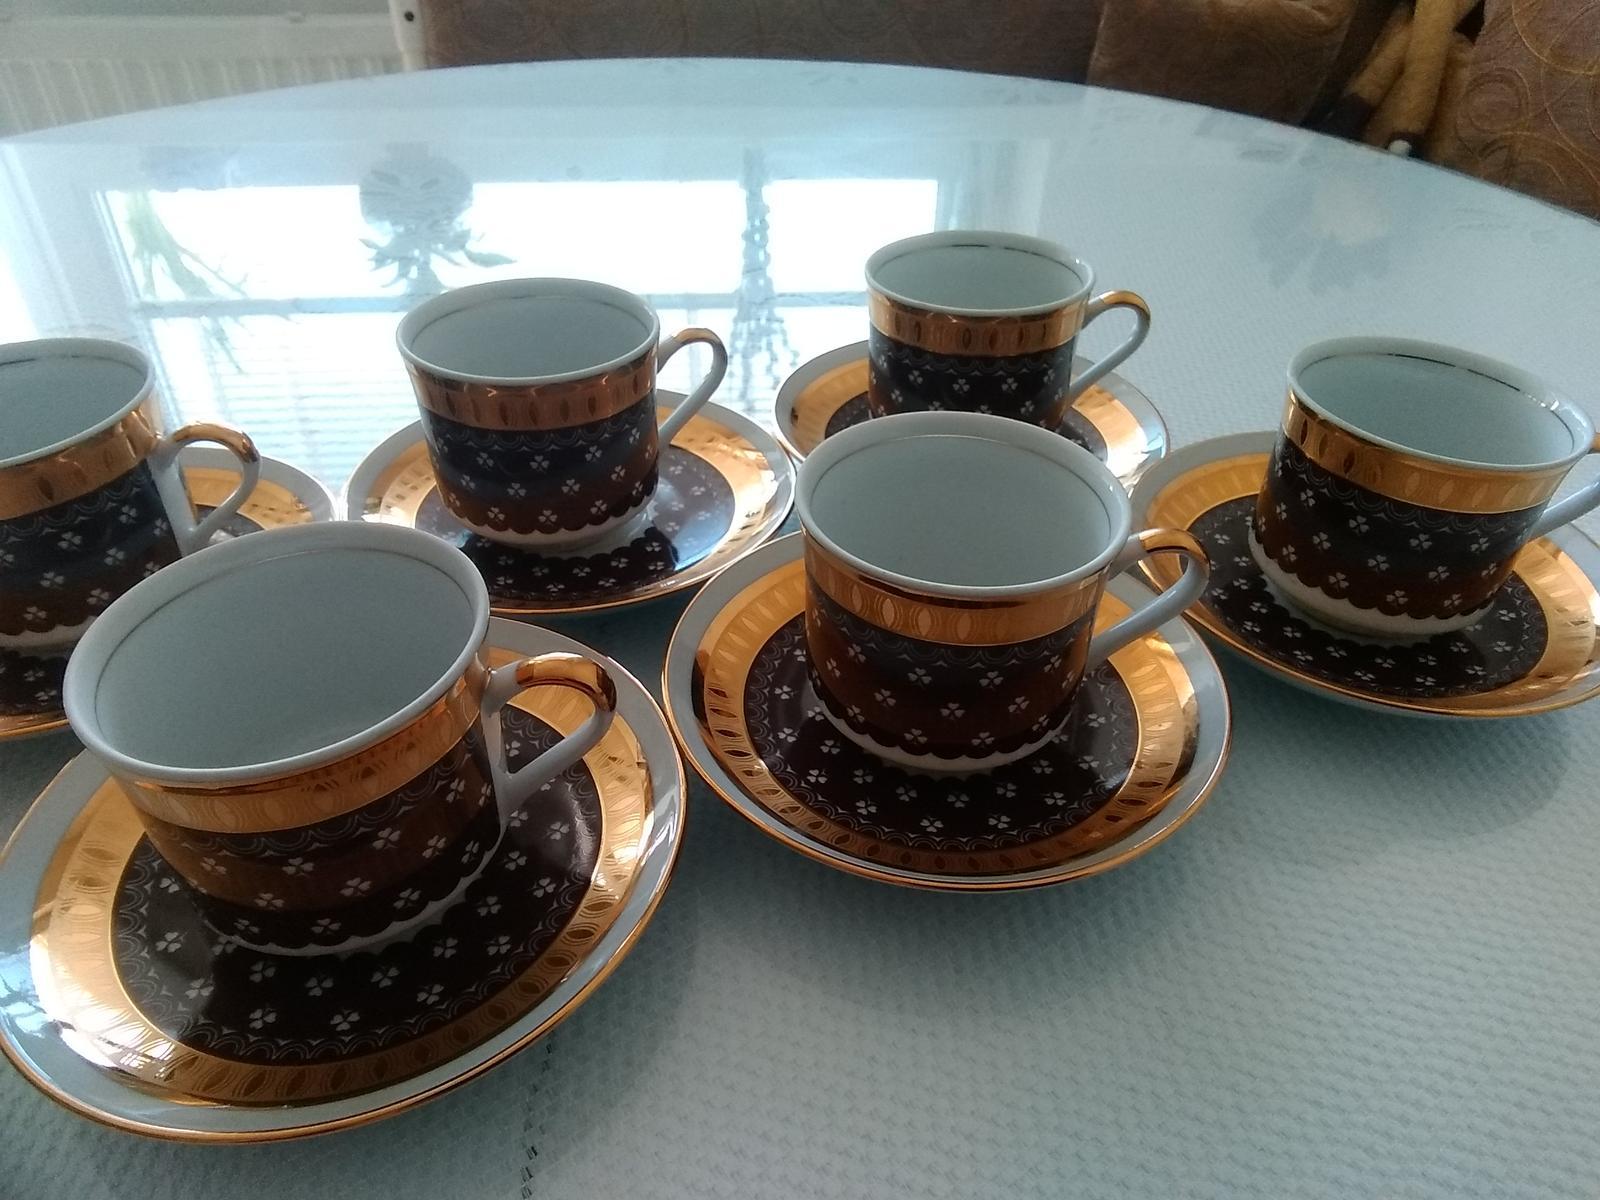 Kávová suprava bohemia - Obrázok č. 3